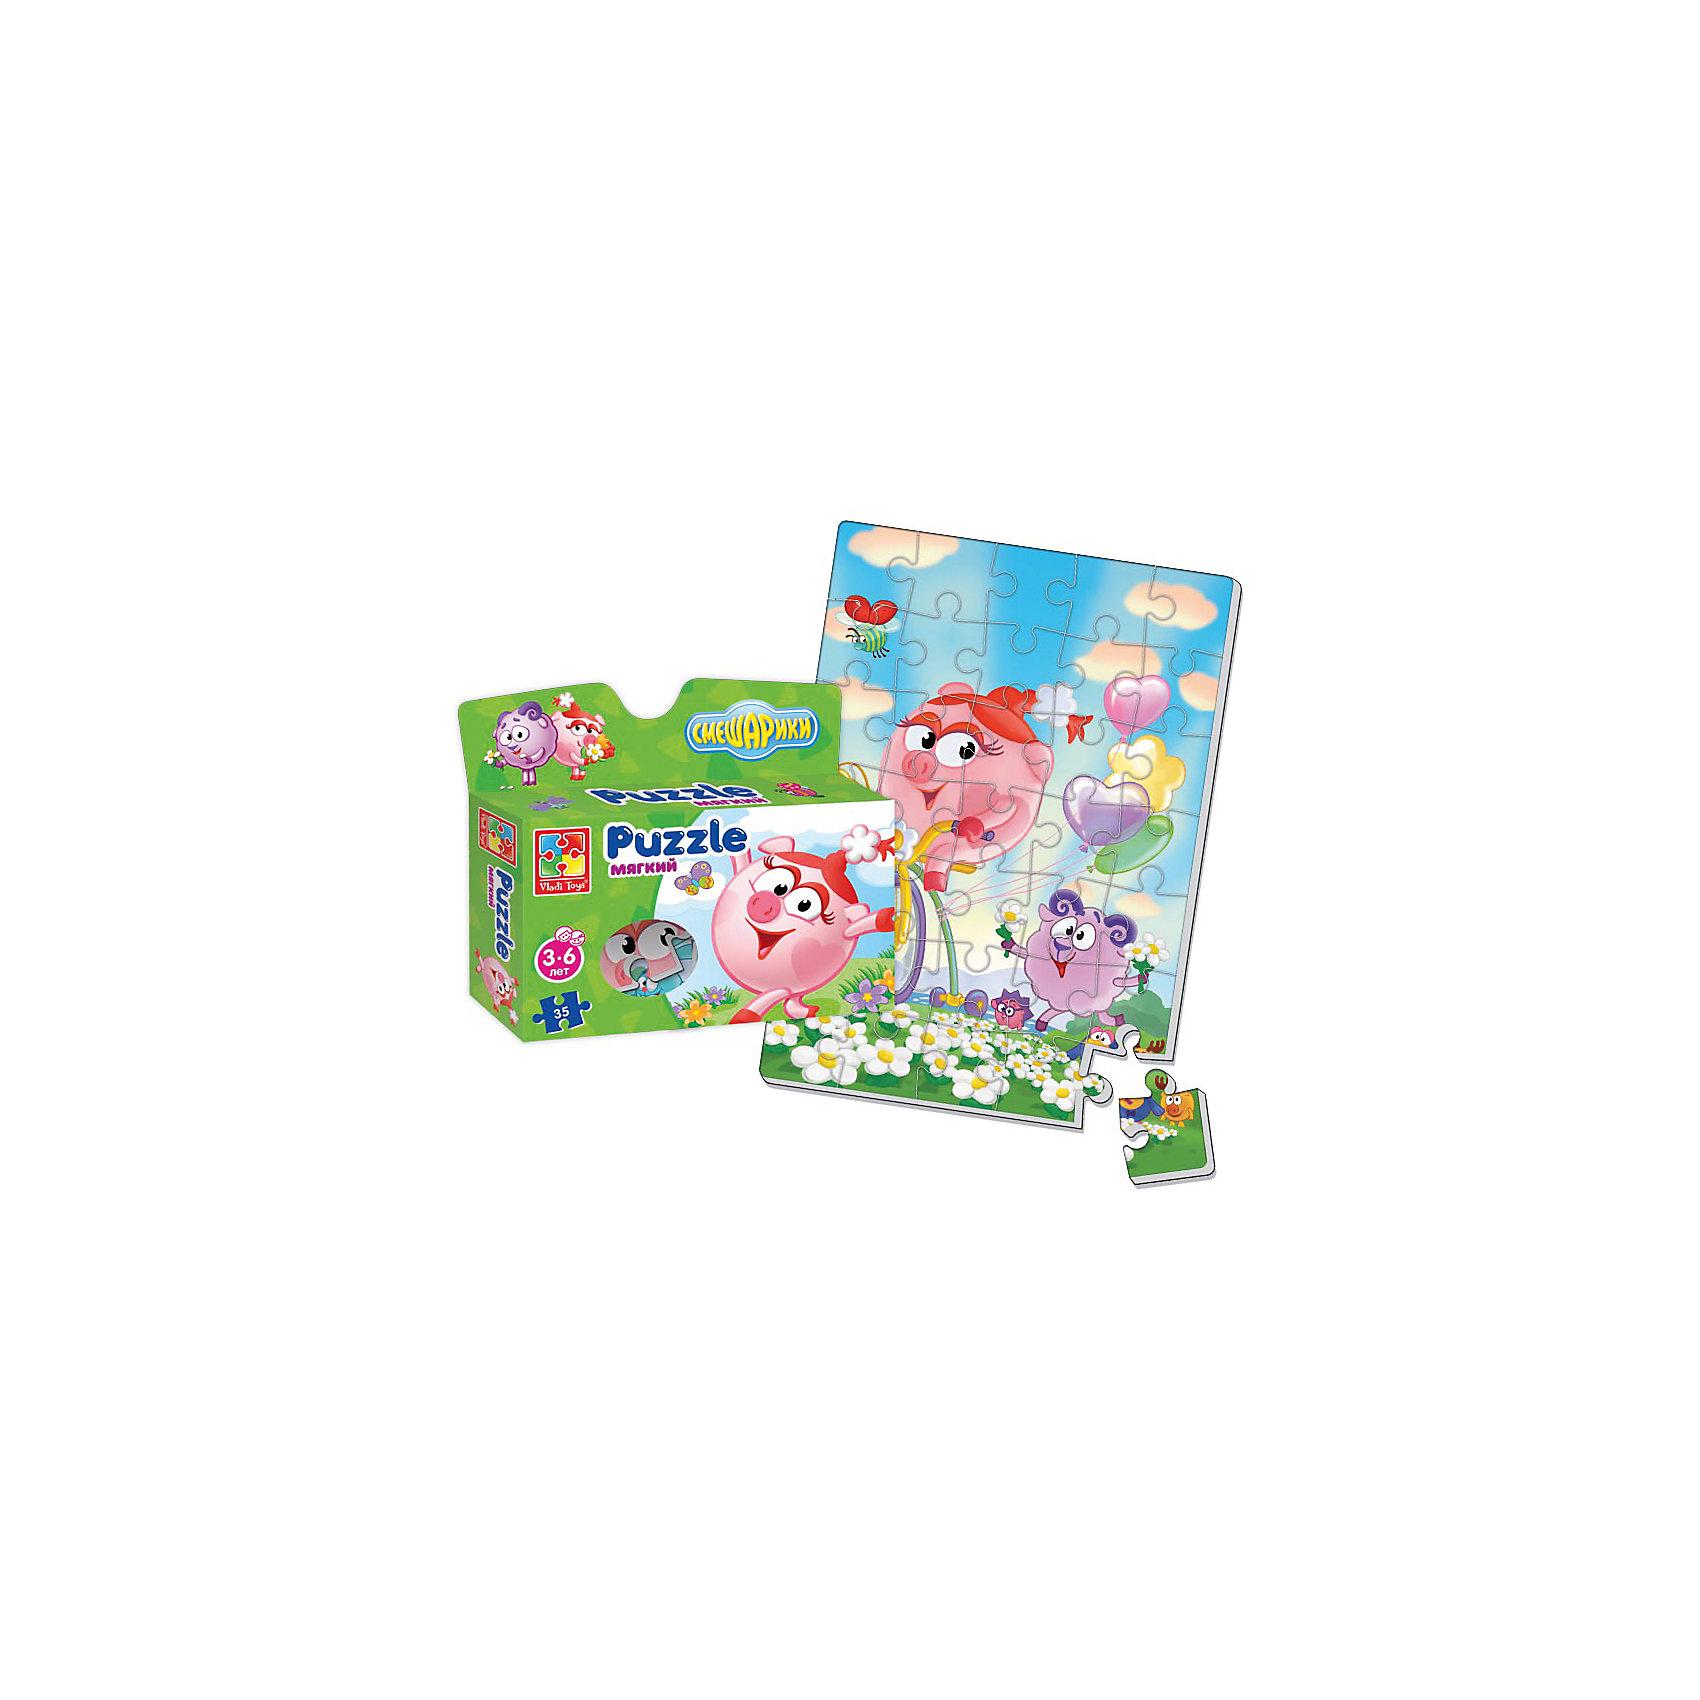 Мягкие пазлы А4 Смешарики, в коробке, Vladi ToysСмешарики<br>Характеристики:<br><br>• Вид игр: развивающие<br>• Серия: пазлы-картинки<br>• Пол: универсальный<br>• Материал: полимер, картон<br>• Цвет: голубой, зеленый, сиреневый, розовый и др.<br>• Комплектация: 1 пазл из 35-ти элементов<br>• Размеры (Д*Ш*В): 19*4,5*22 см<br>• Тип упаковки: картонная коробка<br>• Вес: 75 г<br><br>Мягкие пазлы А4 Смешарики, в коробке, Vladi Toys, производителем которых является компания, специализирующаяся на выпуске развивающих игр, давно уже стали популярными среди аналогичной продукции. Мягкие пазлы – идеальное решение для развивающих занятий с самыми маленькими детьми, так как они разделены на большие элементы с крупными изображениями, чаще всего в качестве картинок используются герои популярных мультсериалов. Самое важное в пазле для малышей – это минимум деталей и безопасность элементов. Все используемые в производстве материалы являются экологически безопасными, не вызывают аллергии, не имеют запаха. Пазл А4 Смешарики, в коробке, Vladi Toys, представляет собой сюжетную картинку размером А4, которая состоит из 35-и крупных элементов с изображением Нюши, Бараша и Кар Карыча на цветочной поляне из мультфильма Смешарики. <br>Занятия с мягкими пазлами от Vladi Toys способствуют развитию не только мелкой моторики, но и внимательности, усидчивости, терпению при достижении цели. Кроме того, по собранной картинке можно составлять рассказ, что позволит развивать речевые навыки, память и воображение.<br><br>Мягкие пазлы А4 Смешарики, в коробке, Vladi Toys, можно купить в нашем интернет-магазине.<br><br>Ширина мм: 190<br>Глубина мм: 45<br>Высота мм: 220<br>Вес г: 75<br>Возраст от месяцев: 24<br>Возраст до месяцев: 60<br>Пол: Унисекс<br>Возраст: Детский<br>SKU: 5136082